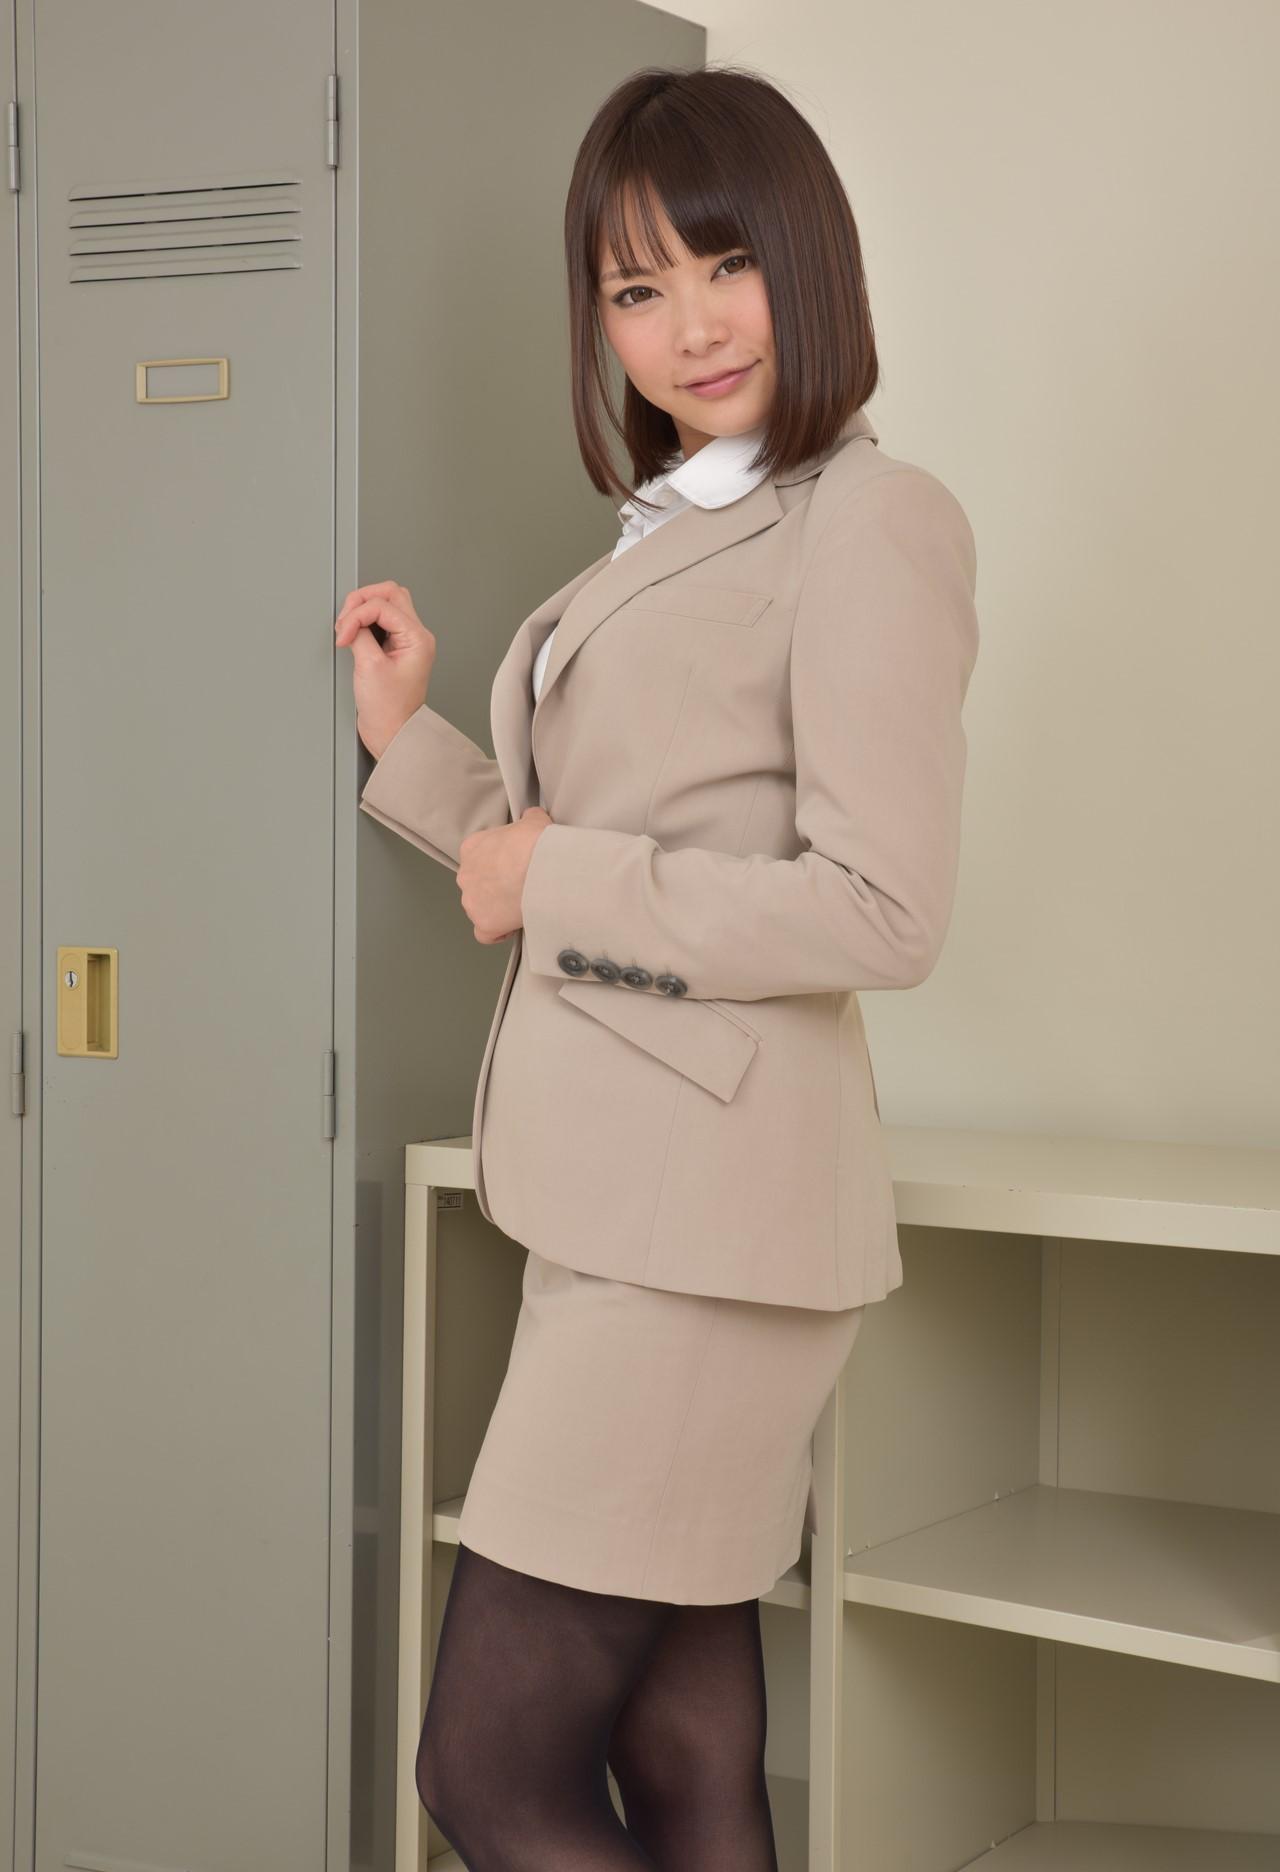 三次元 3次元 エロ画像 女教師 黒パンスト べっぴん娘通信 17